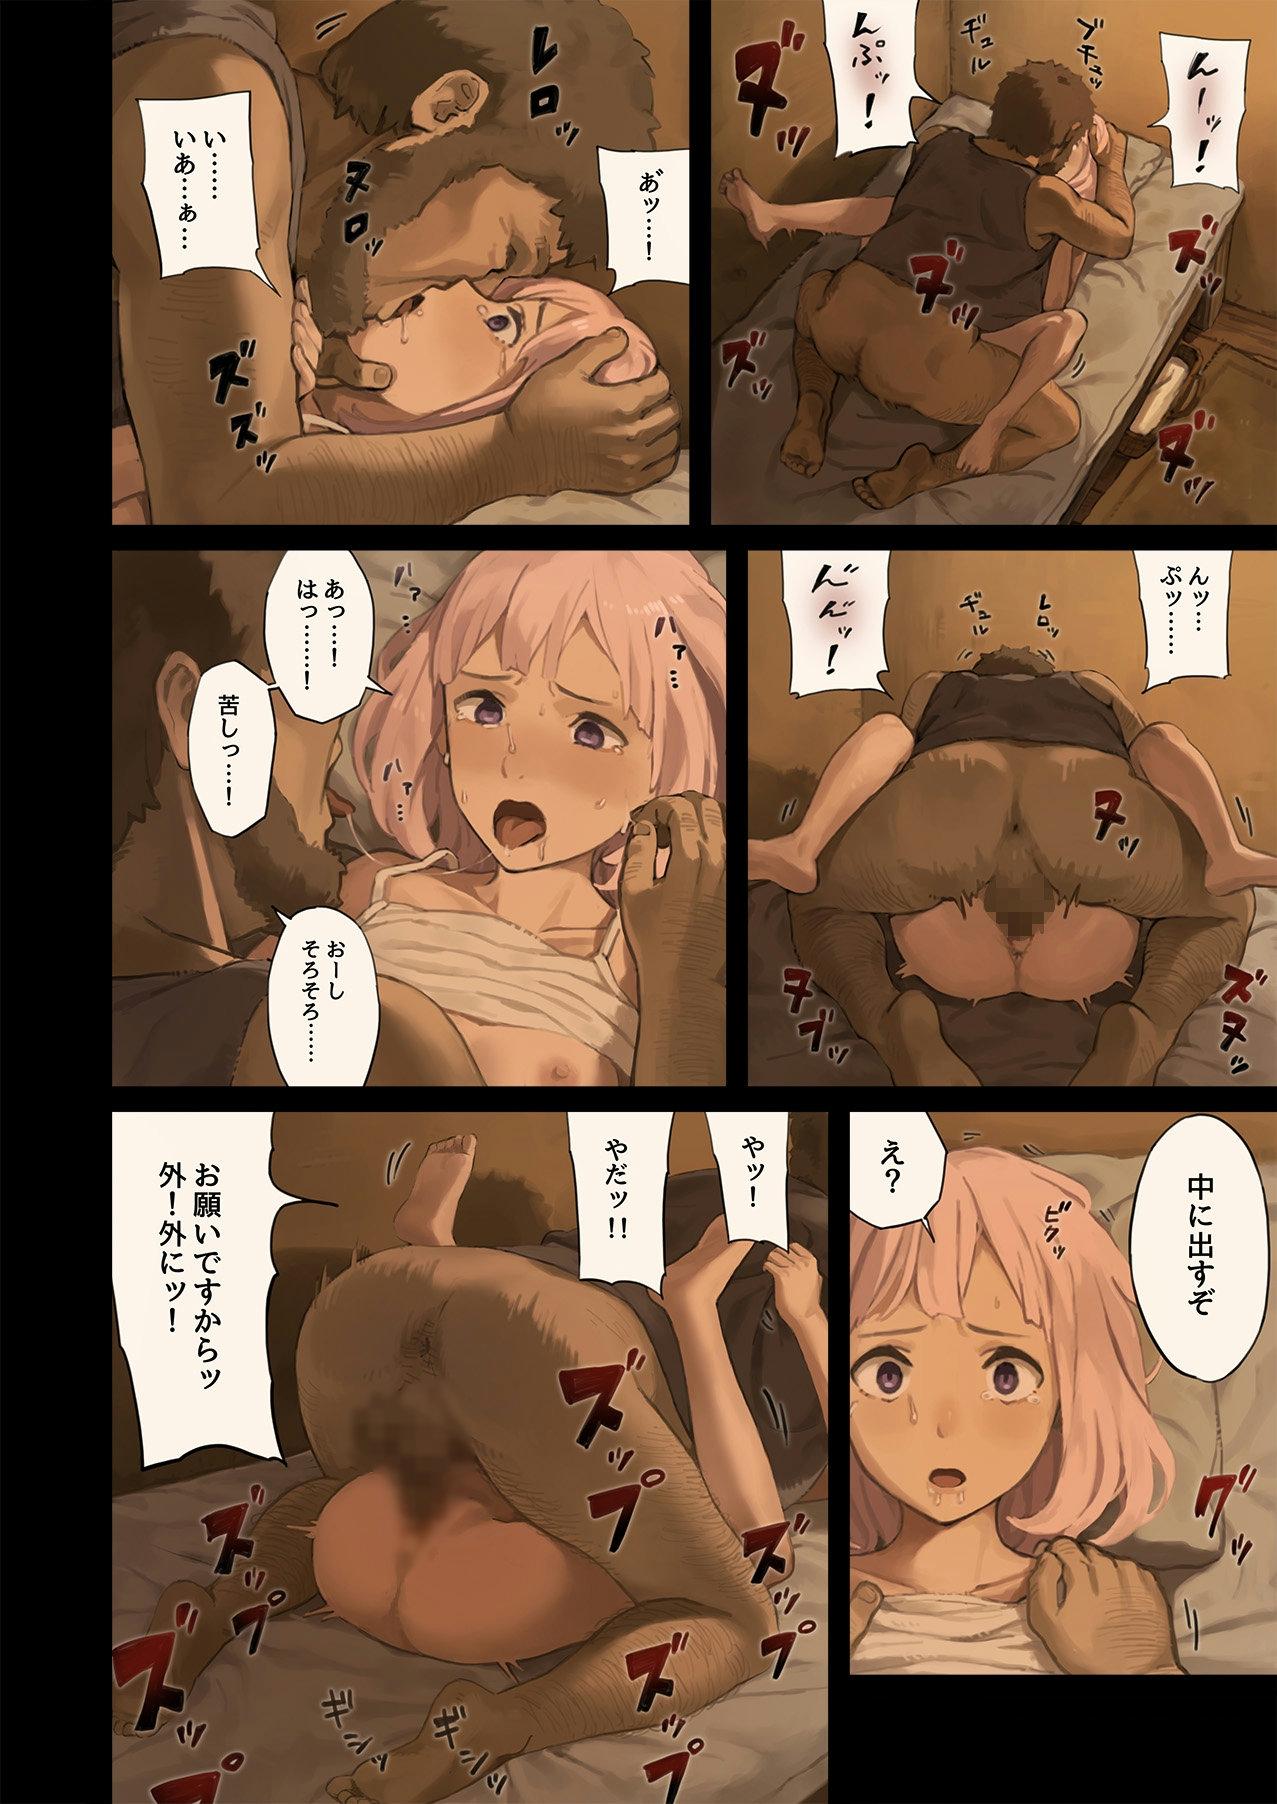 【エロ漫画・エロ同人誌】女冒険者たちがオアシスで犯されまくってるwww (26)